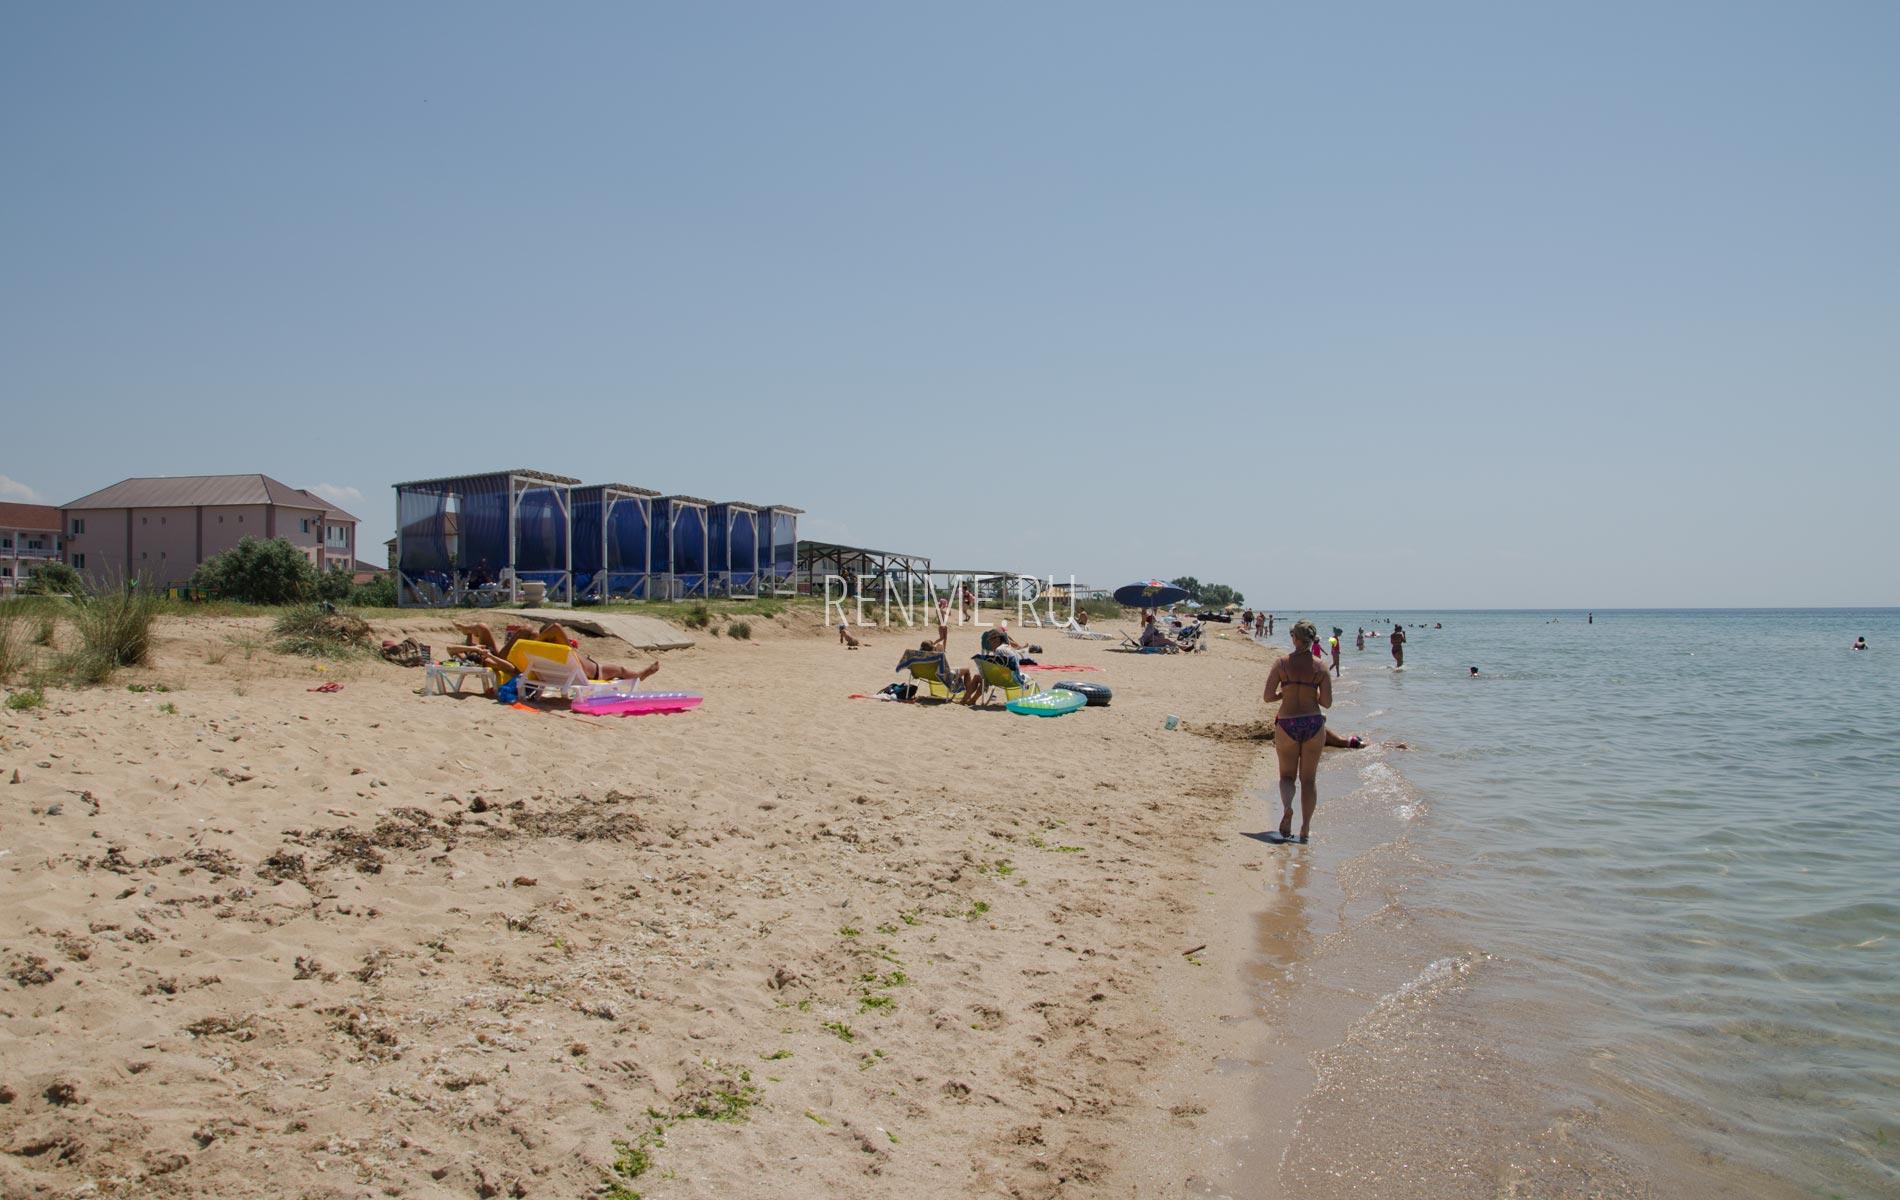 Песчаный пляж в Союз-2004. Фото Заозёрного